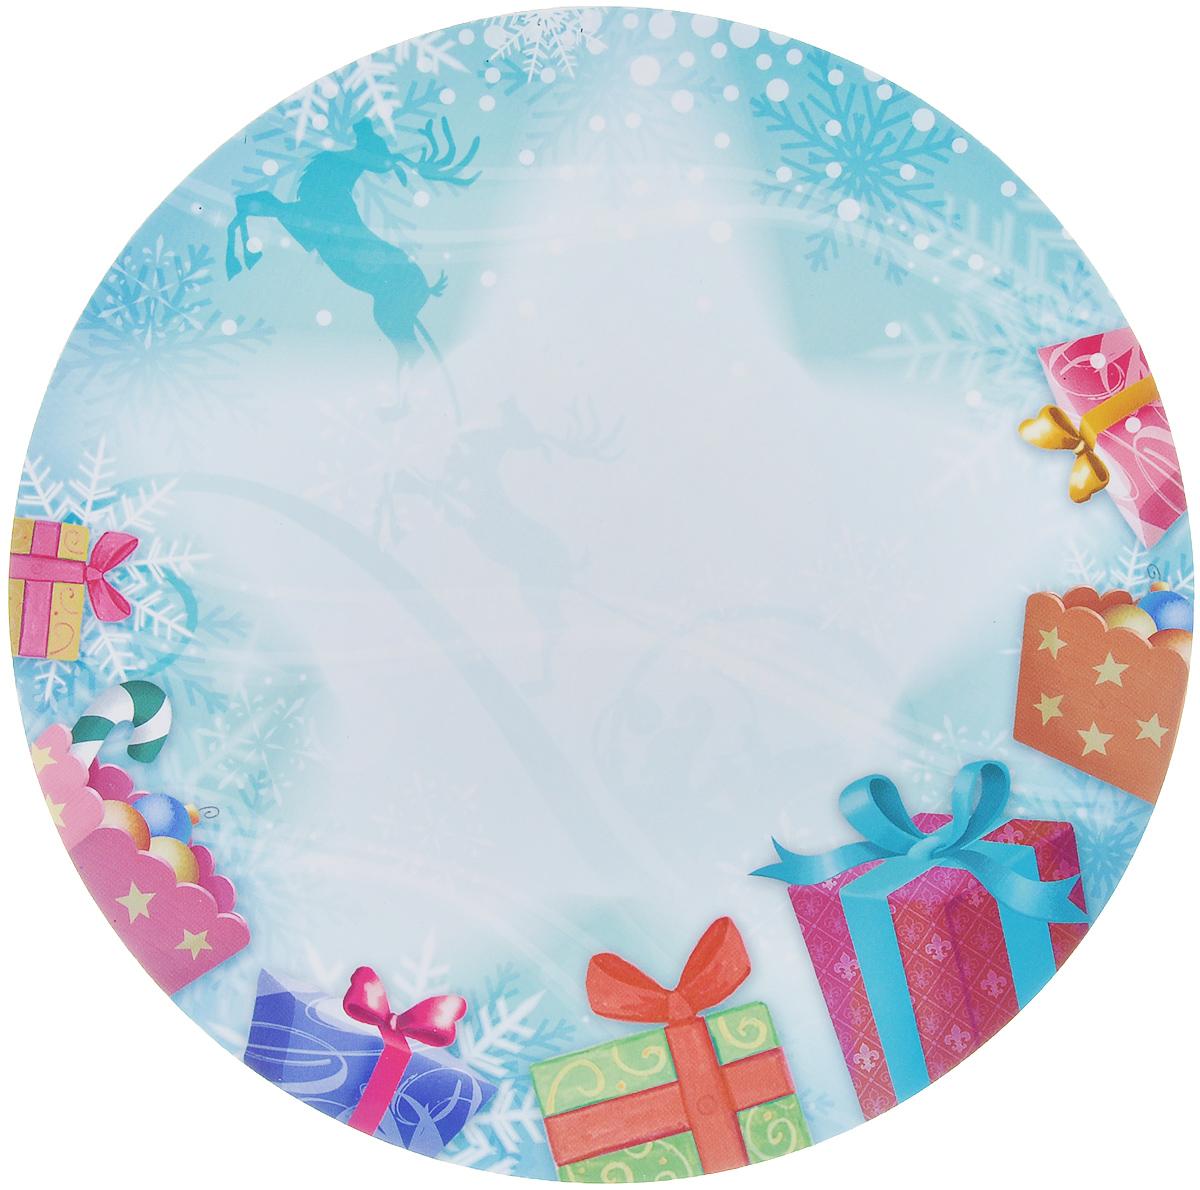 """Магнит для записей Lunten Ranta """"Подарок. Олень"""", диаметр 16 см 65907_олень"""